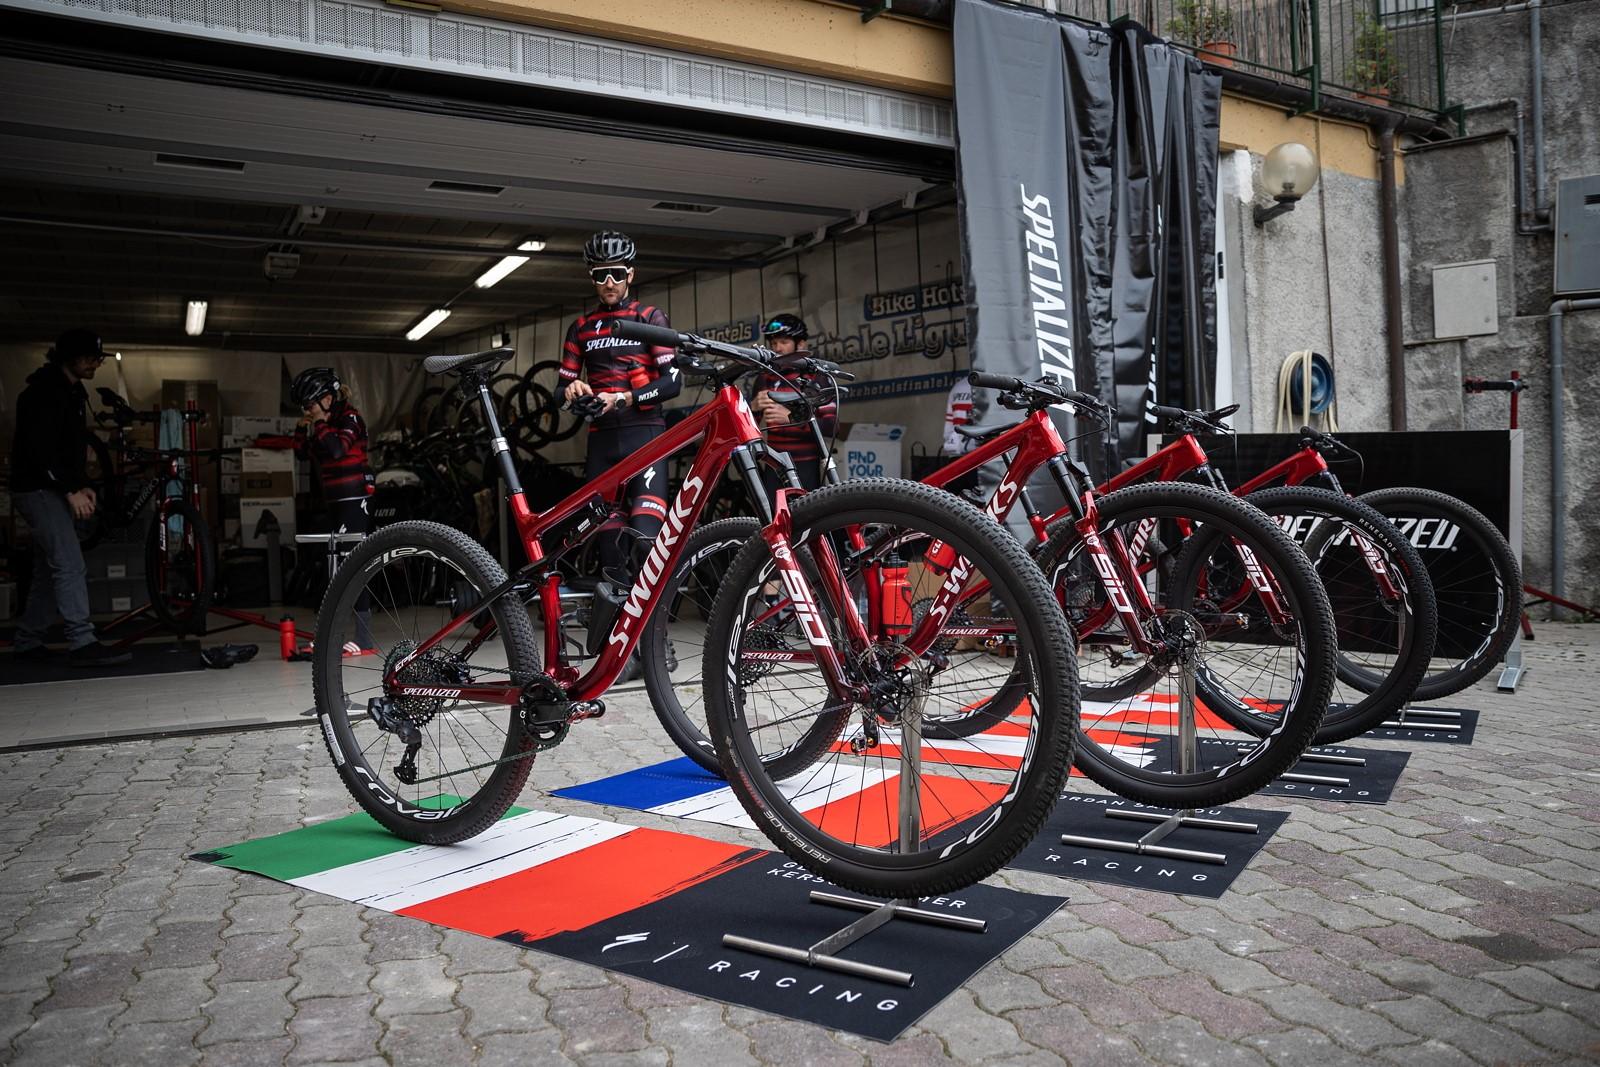 Tovární tým Specialized na soustředění před sezonou v Itálii. Foto: Michal Červený